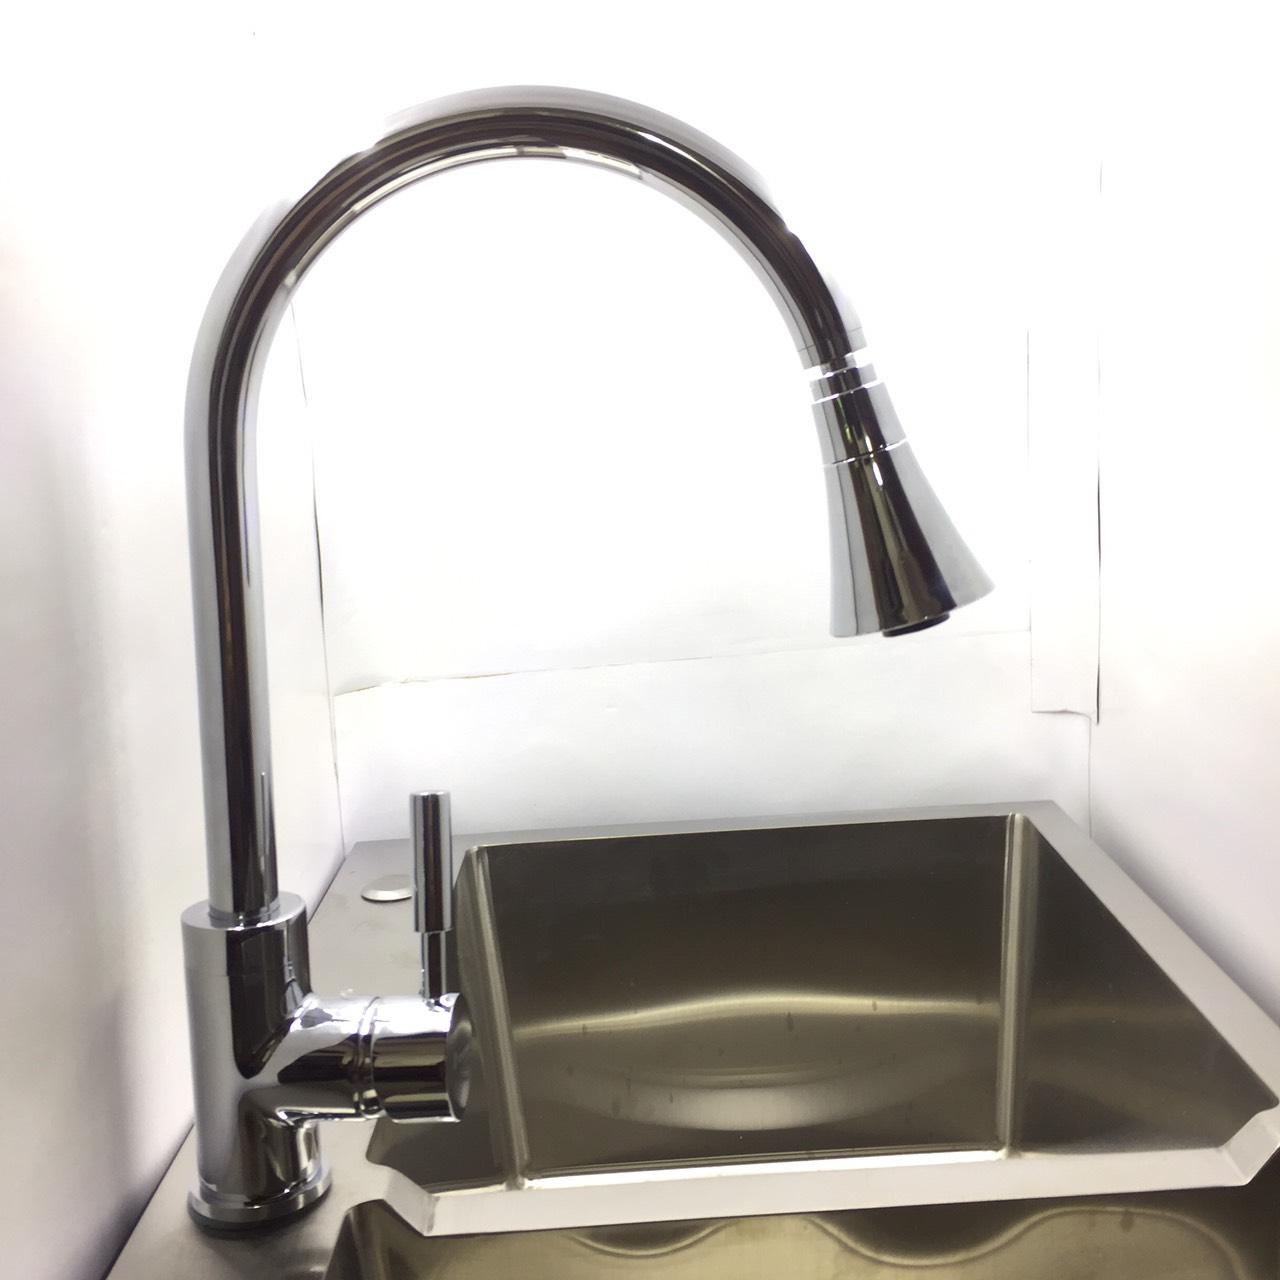 Vòi Rửa Bát Cắm Chậu 2 Chiều Nóng Lạnh Có Đầu Xoay 360 Độ - Vòi Rửa Bát Đồng Thau Mạ Chrome Cao Cấp